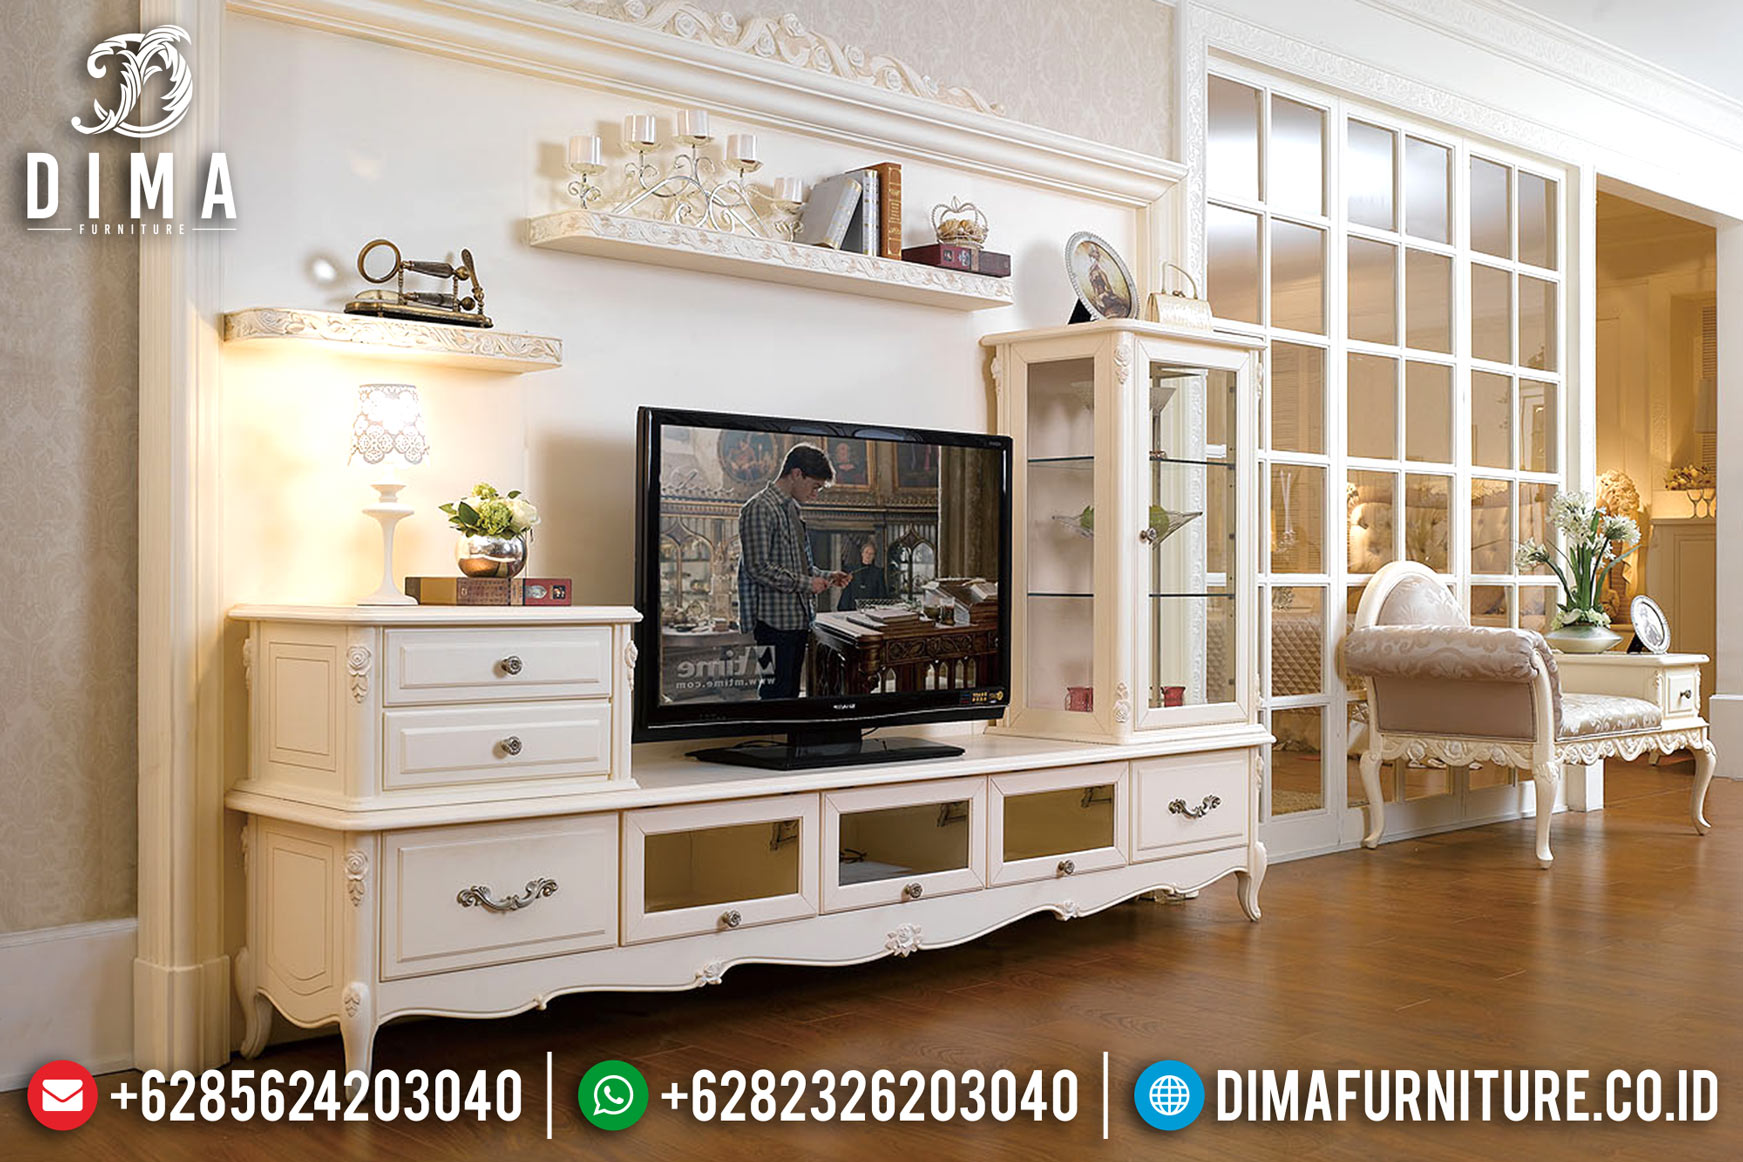 Set Bufet Tv Modern Mebel Jepara Terbaru Mm-0450